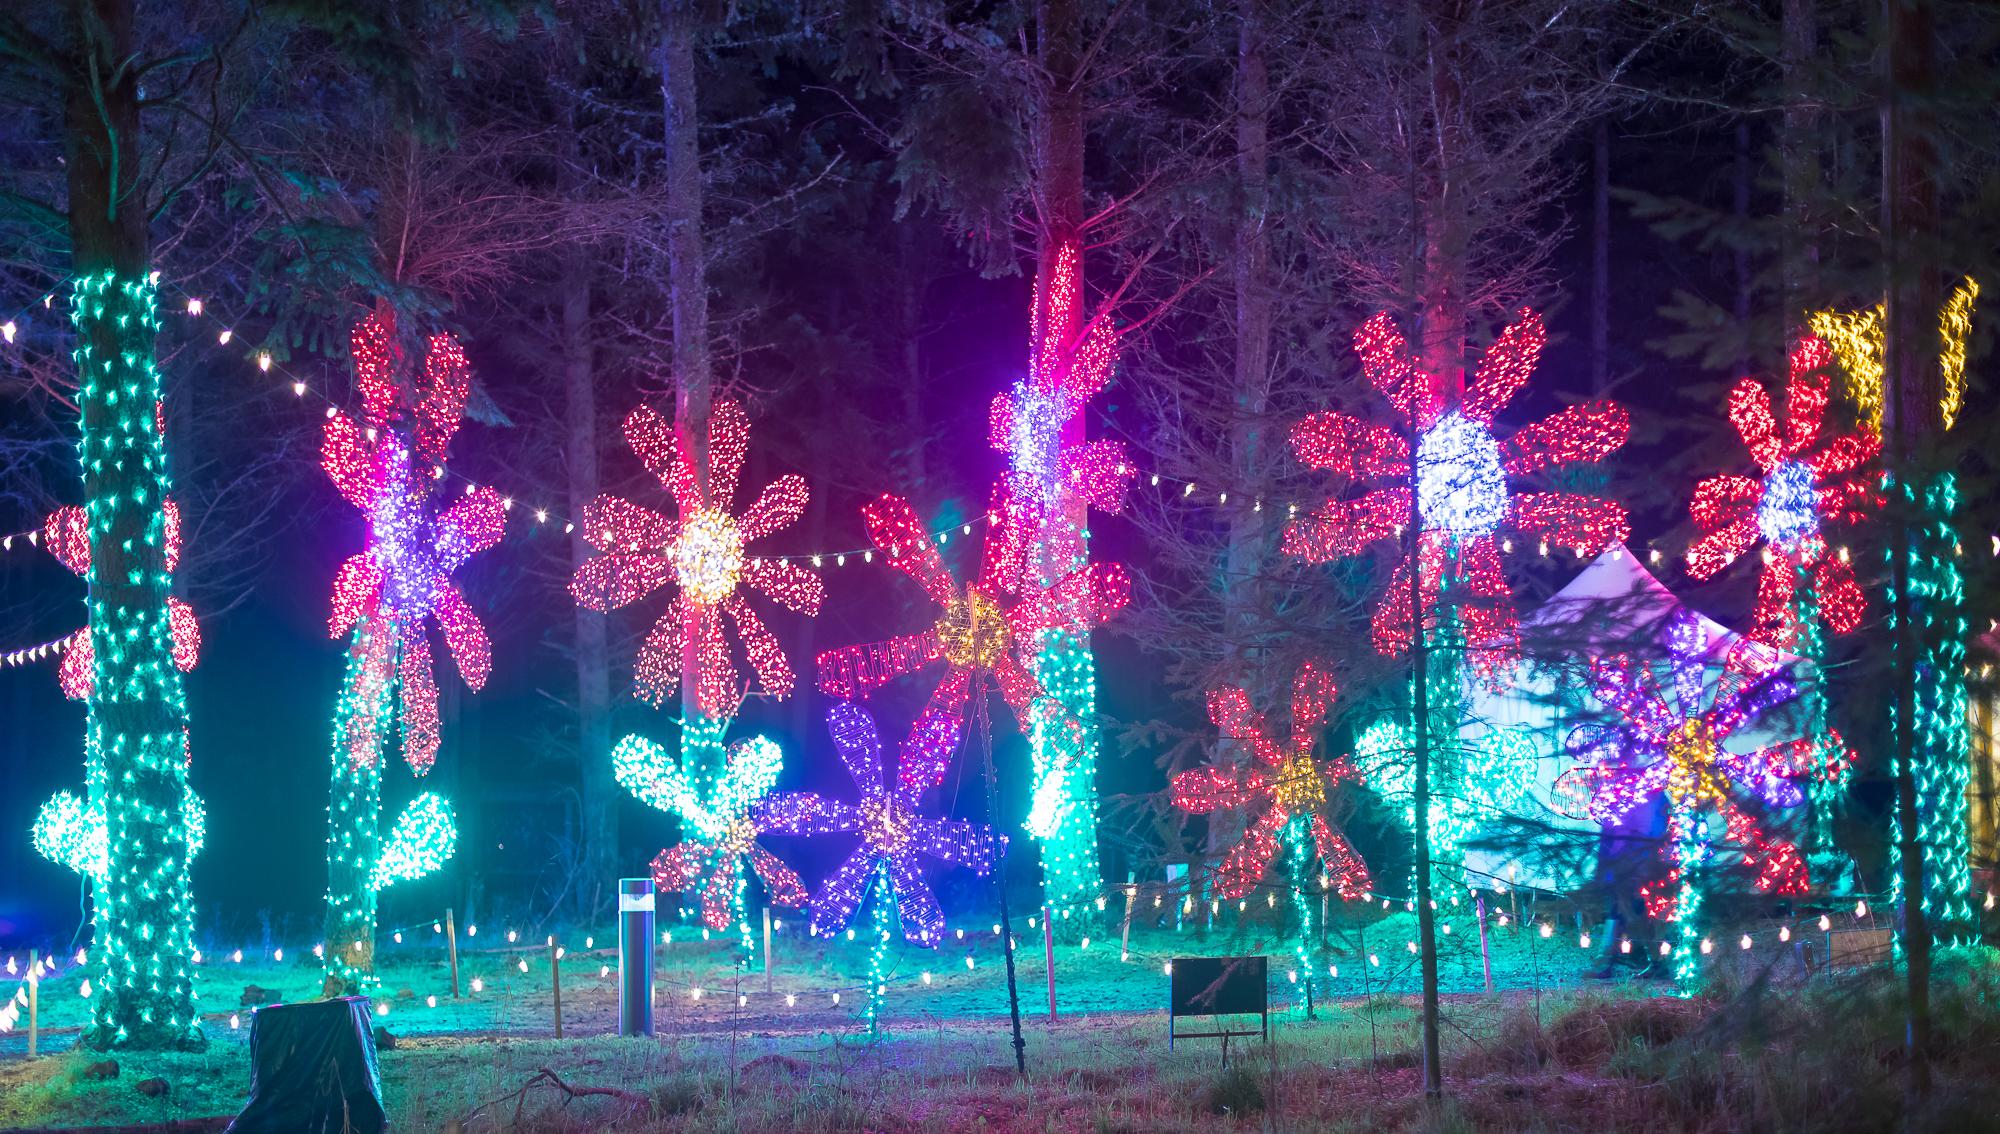 xmas light show of flowers